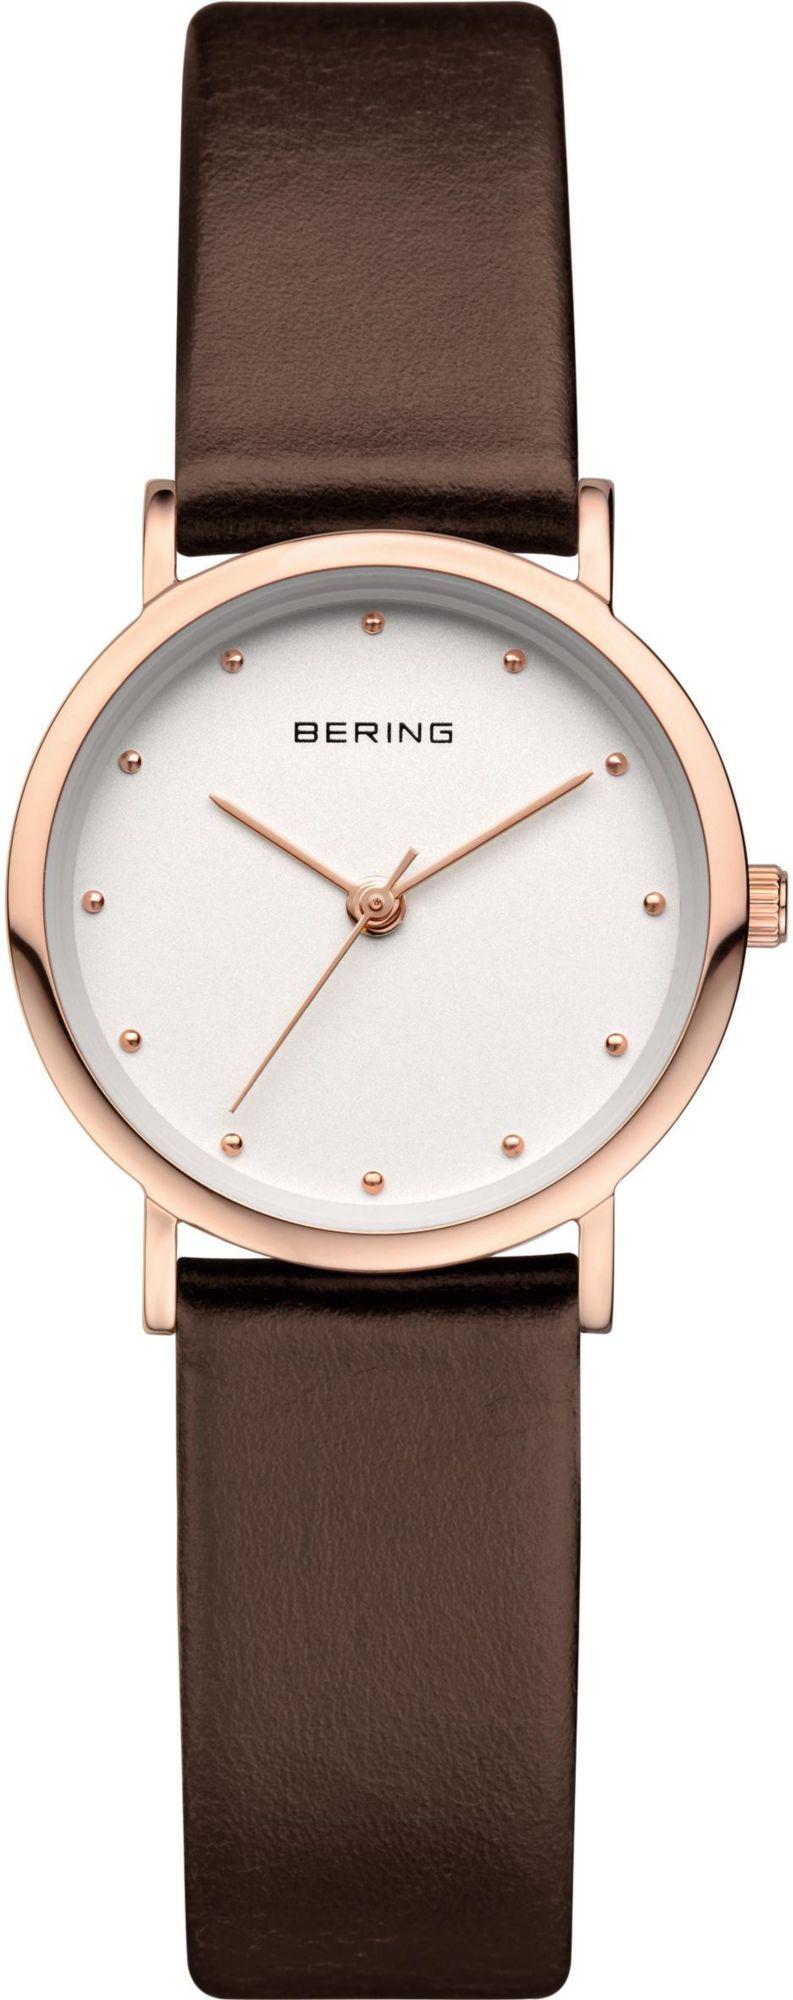 BERING Bering Quarzuhr »13426-564«